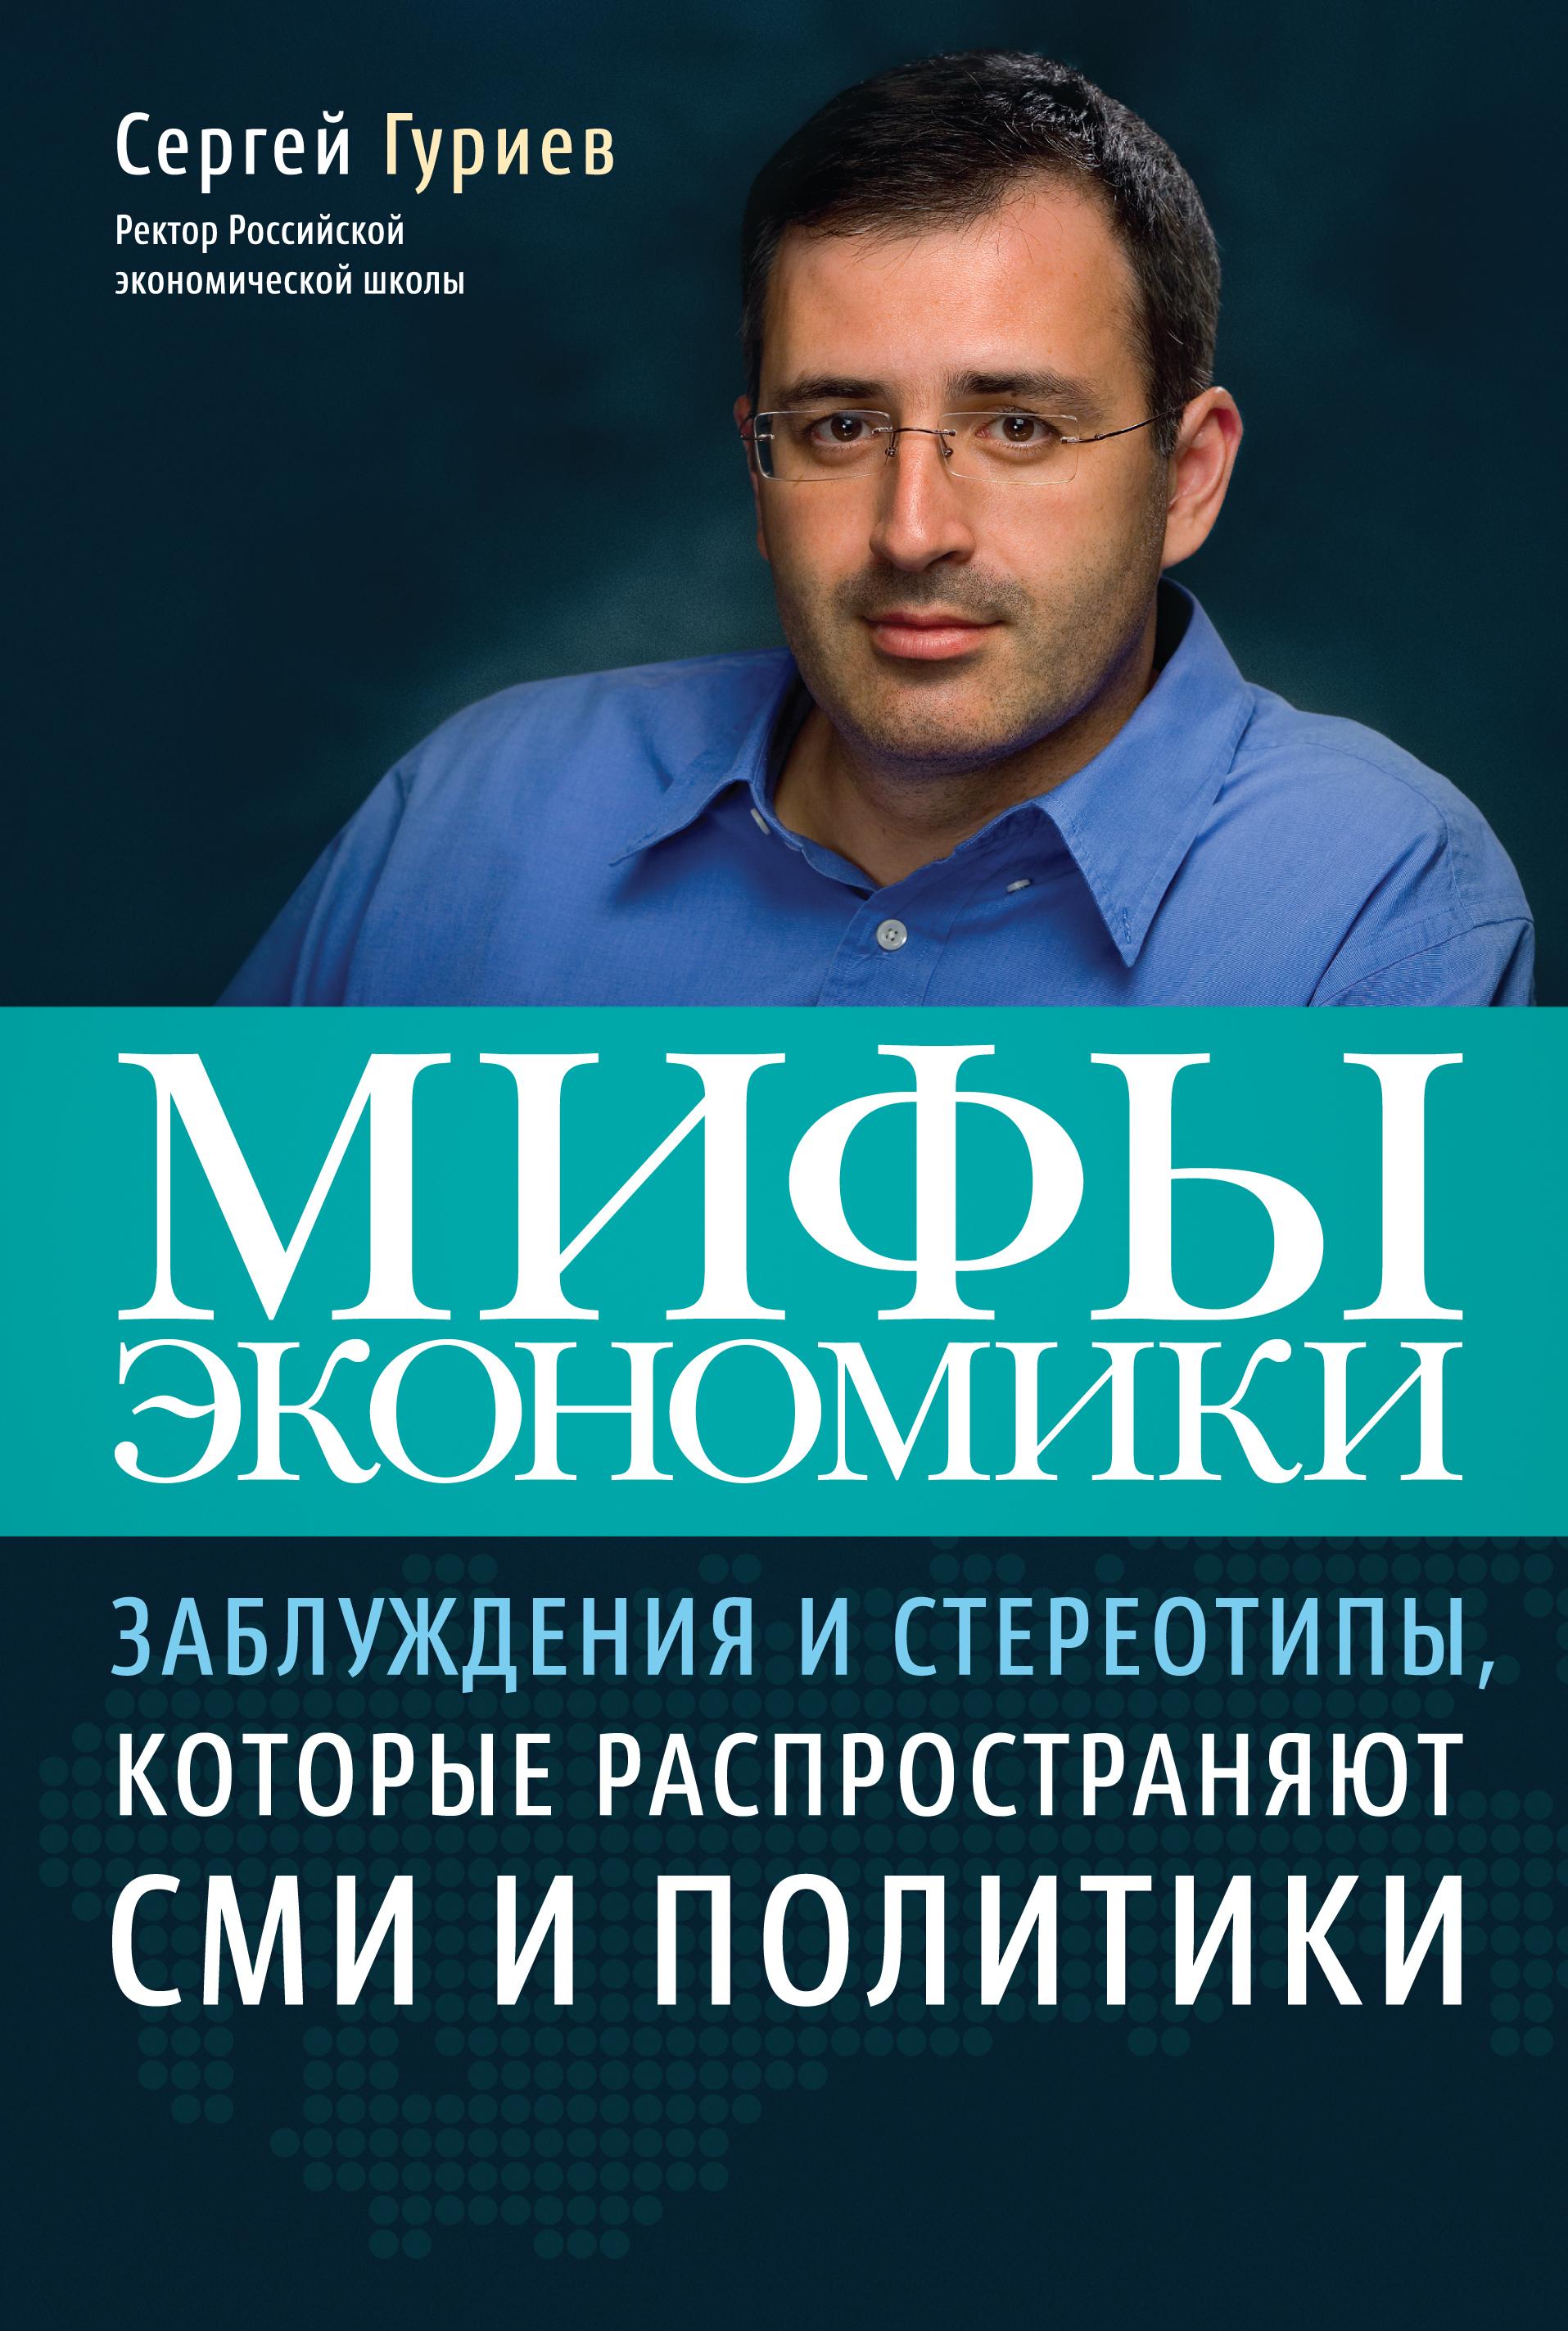 Гуриев С. Мифы экономики